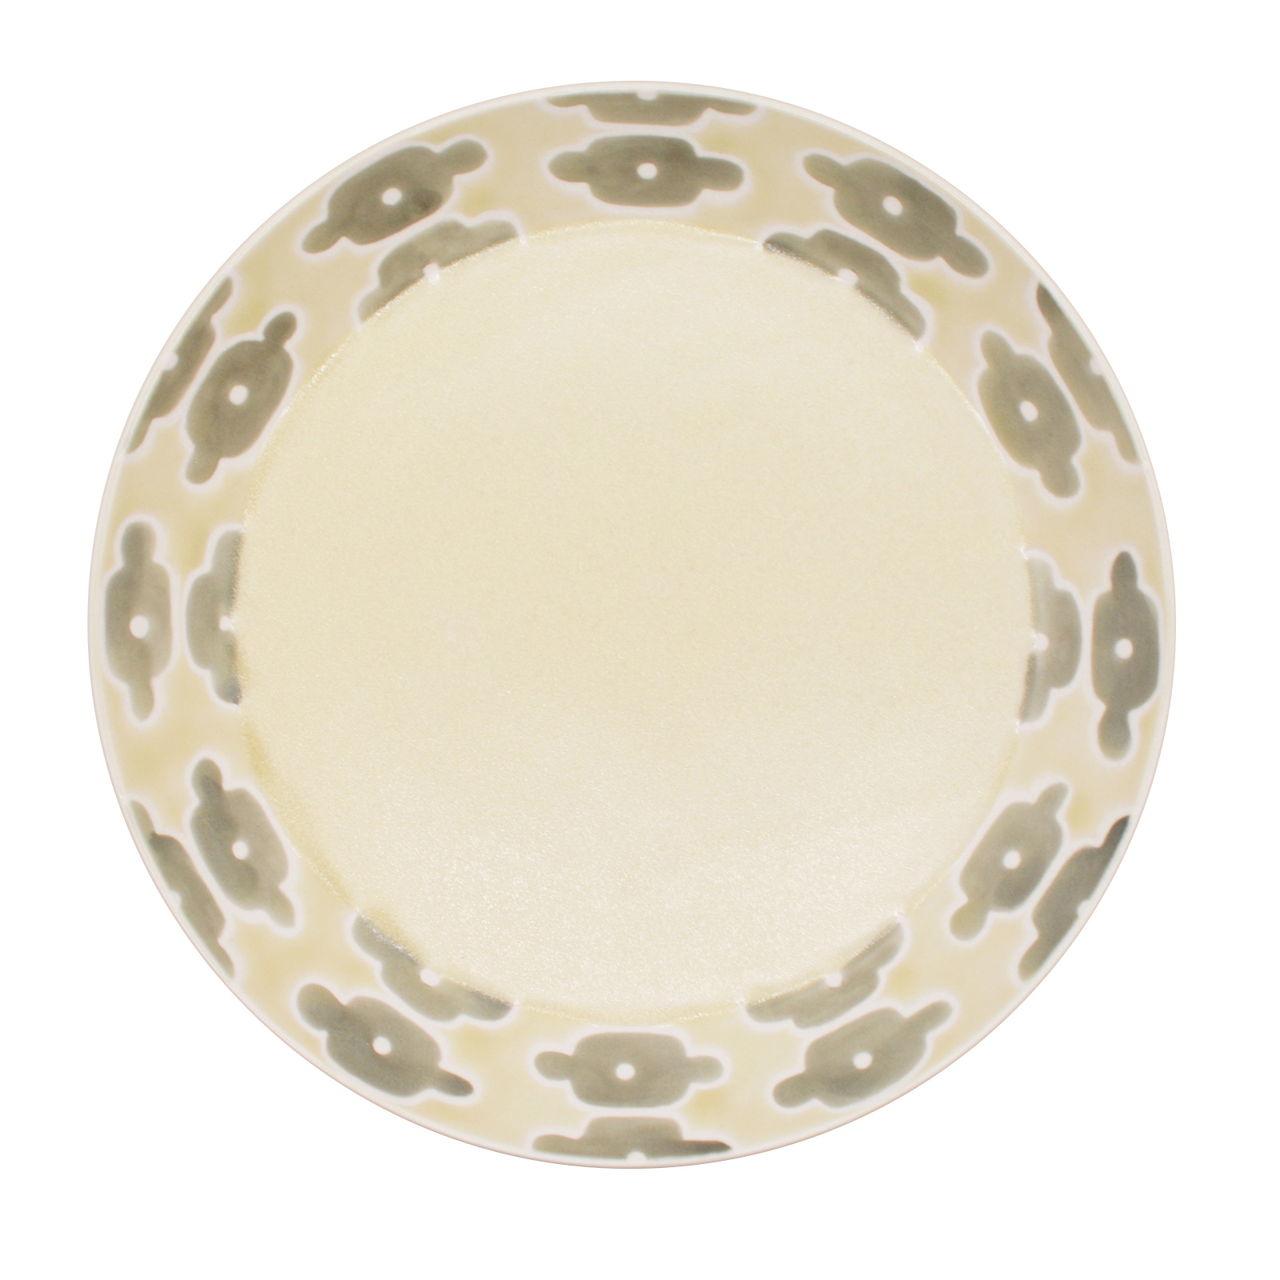 砥部焼 すこし屋 プレート 皿 約22cm グレイフラワー 229014